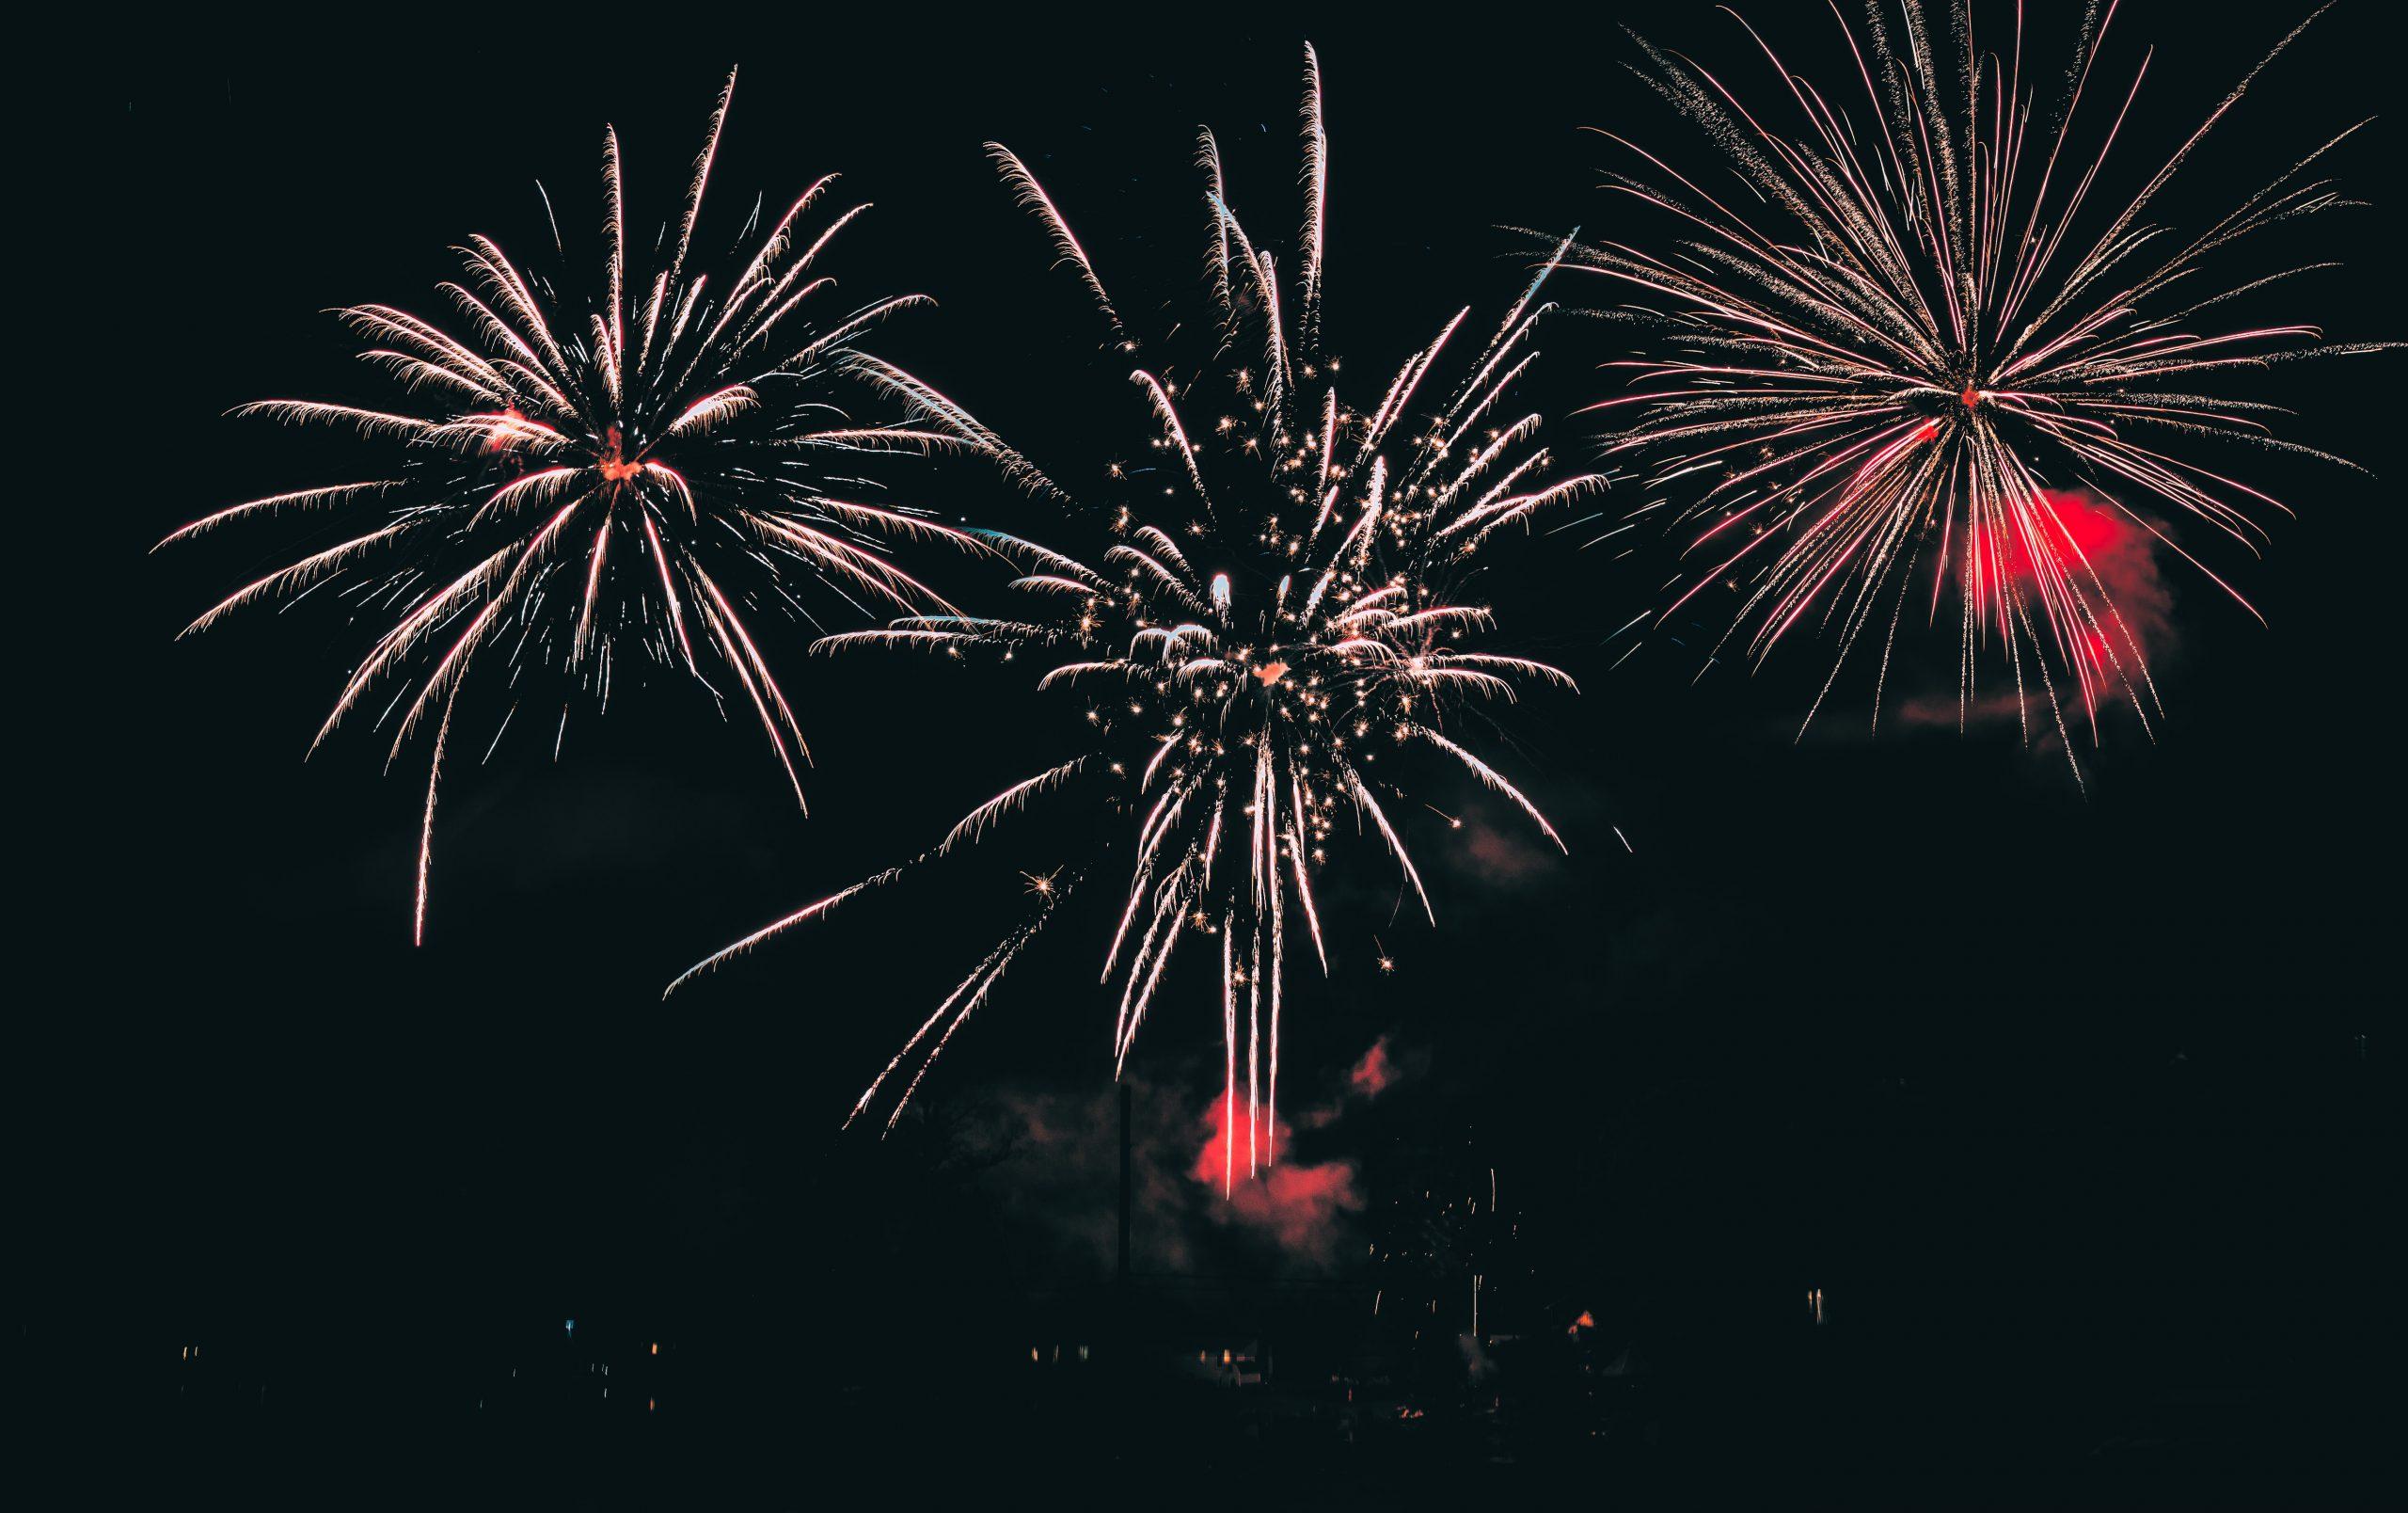 Farebné vybuchujúce ohňostroje počas osláv nového roka, na Silvestra.